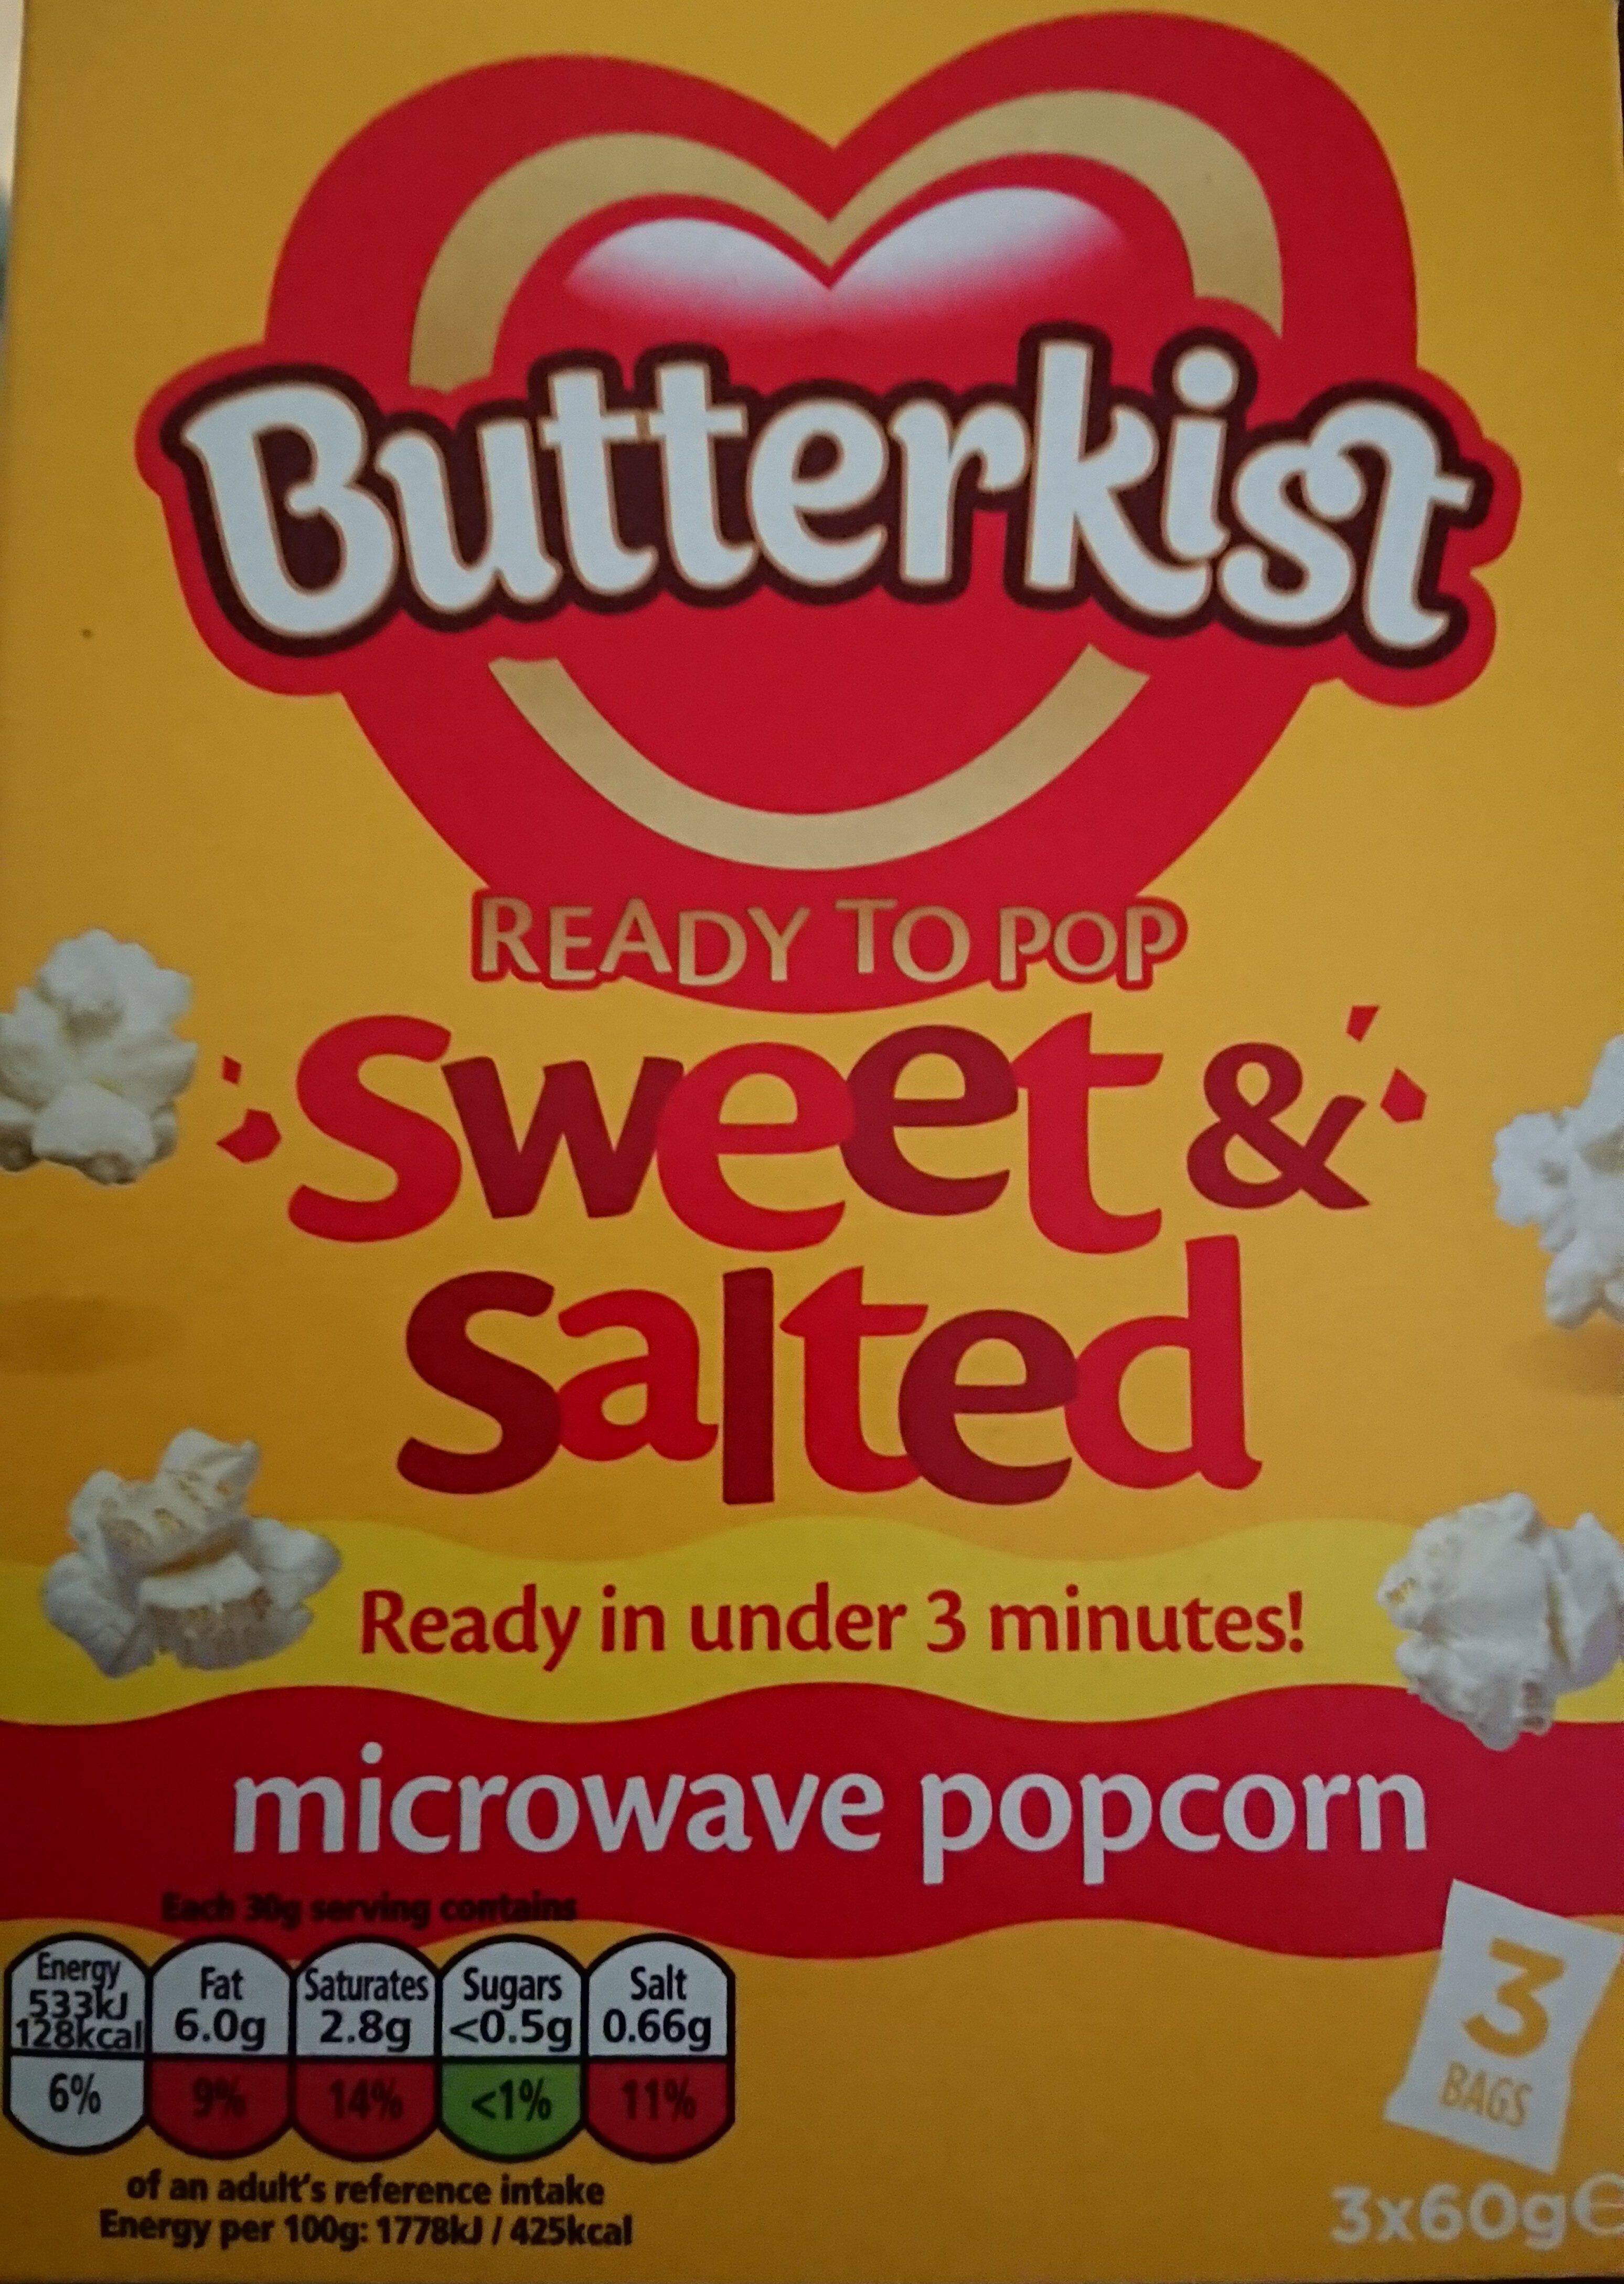 Butterkist ready to pop sweet & Salted microwave popcorn - Produit - en